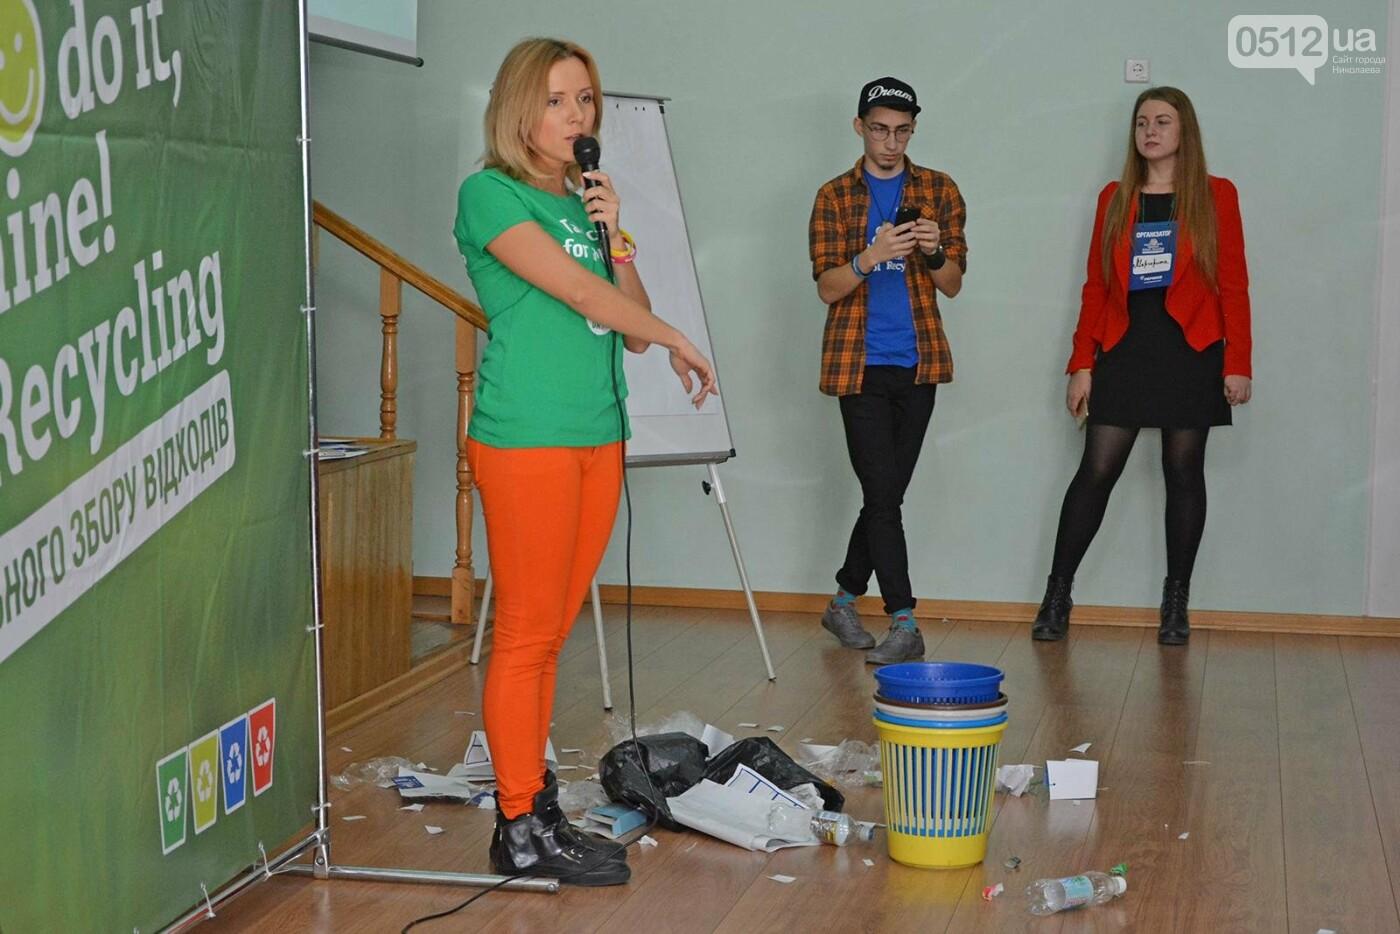 Мусорим по-европейски: как Николаевские школьники обращаются с отходами, фото-2